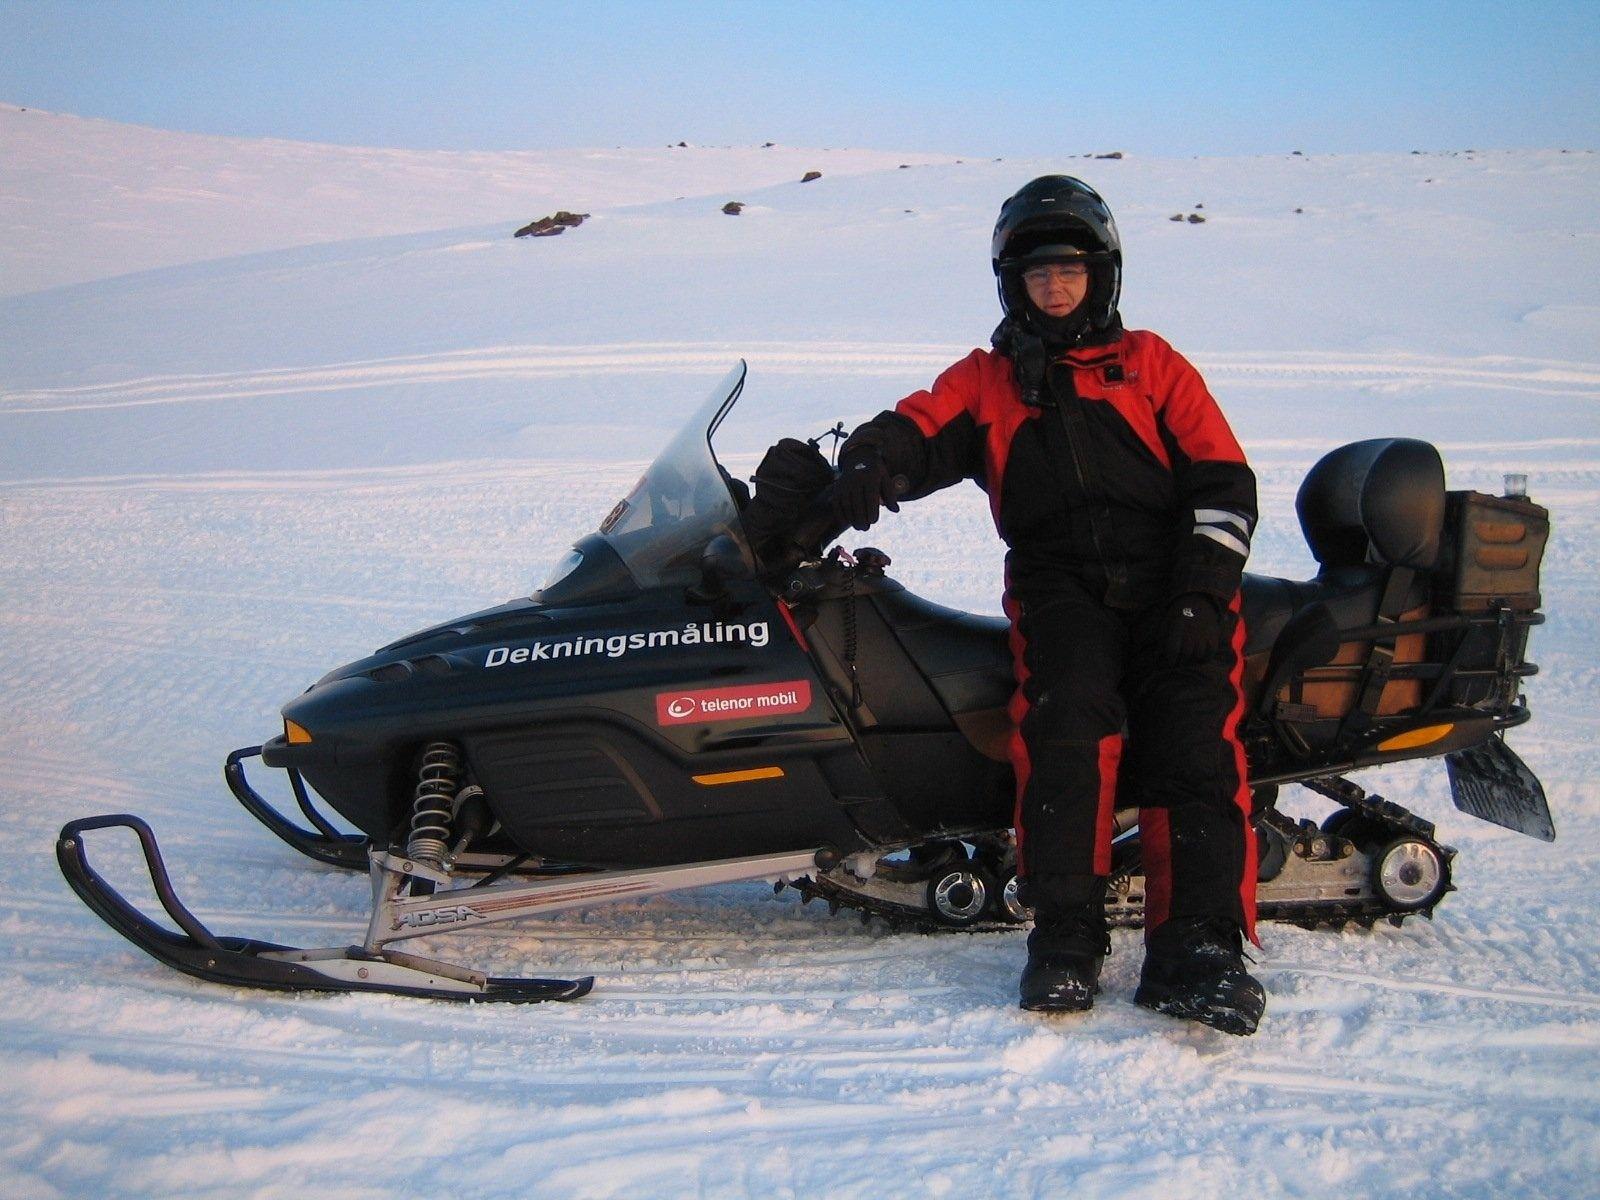 Amundsen bruker Scooter når han skal skal måle dekning til fjells.